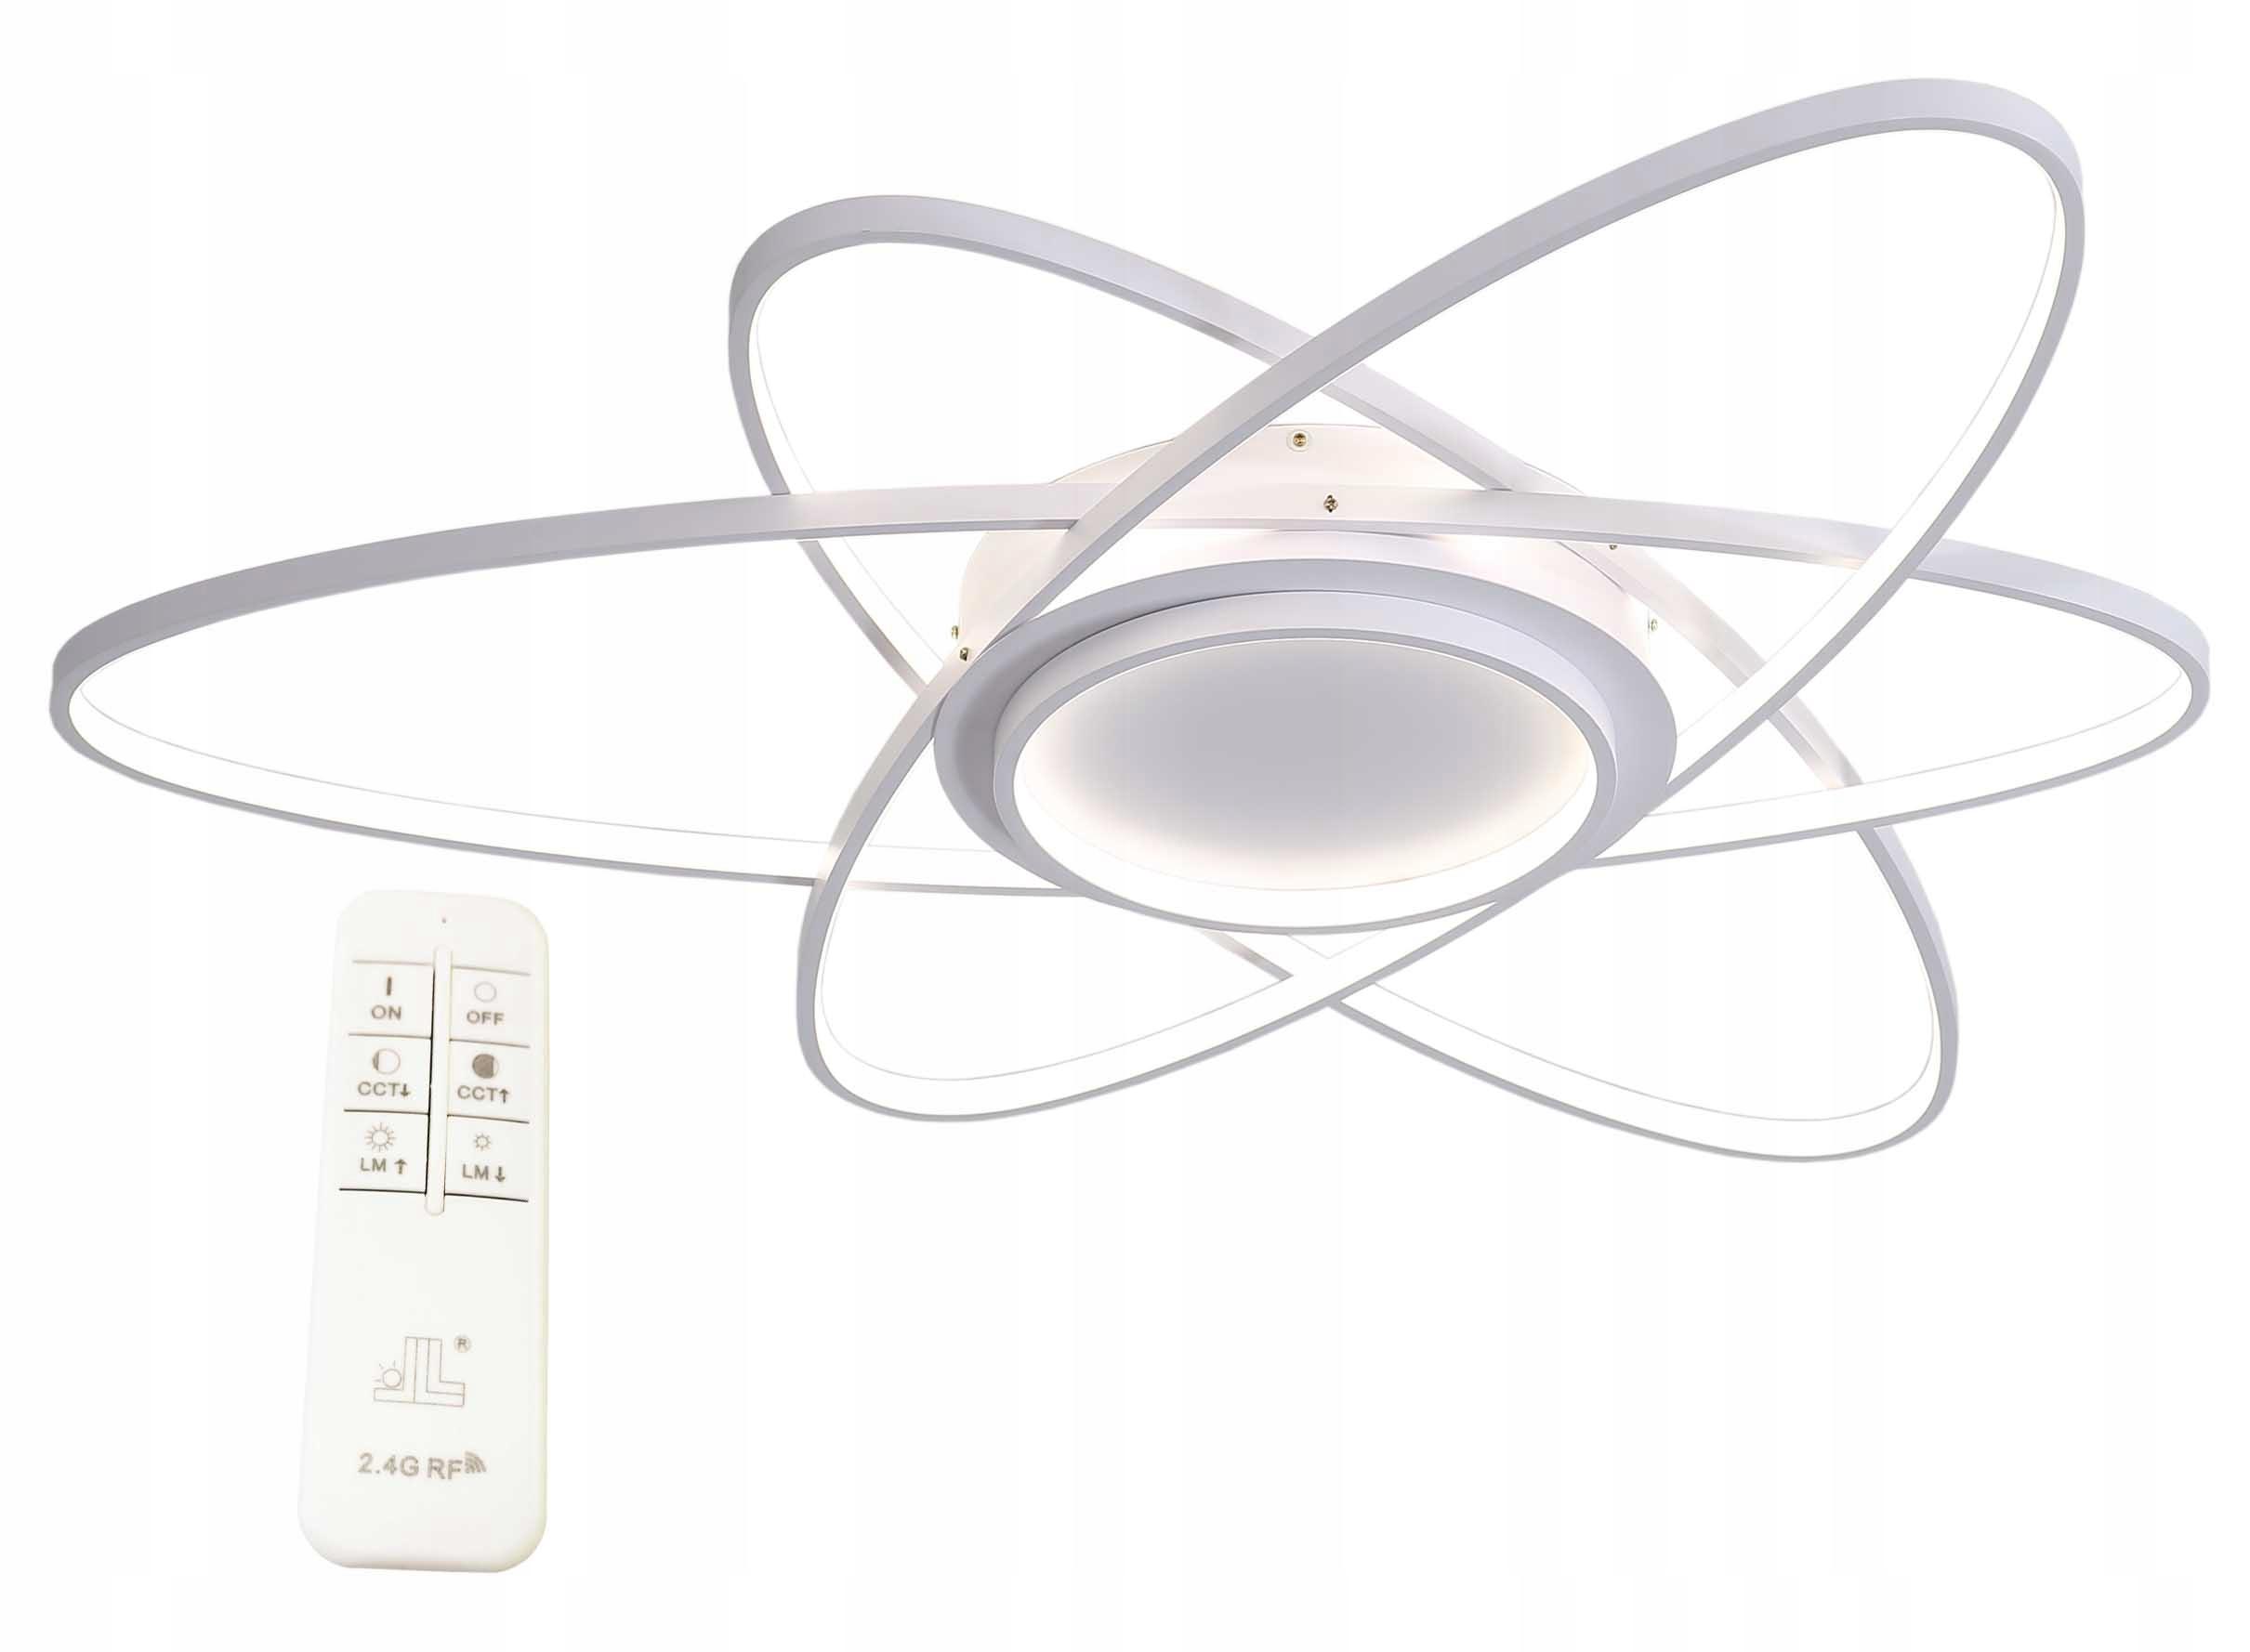 Nowoczesna futurystyczna lampa LED Orbit II Wobako zdalne sterowanie